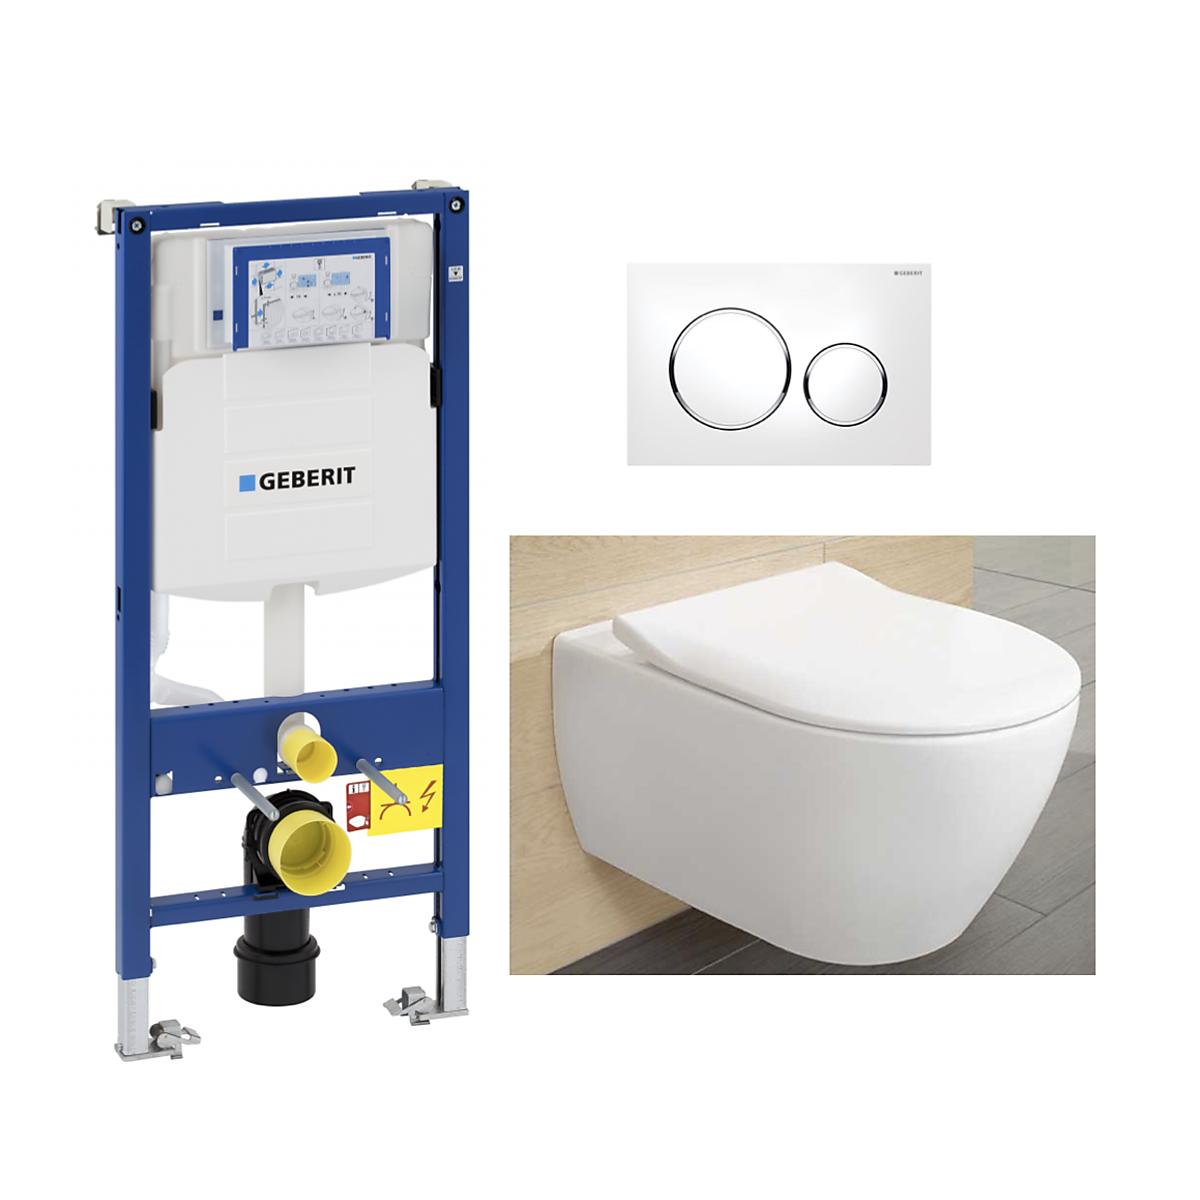 #100009   V&B Subway 2.0 Direct Flush Toalettpakke Inkl. sete/lokk, sisterne og trykkplate.